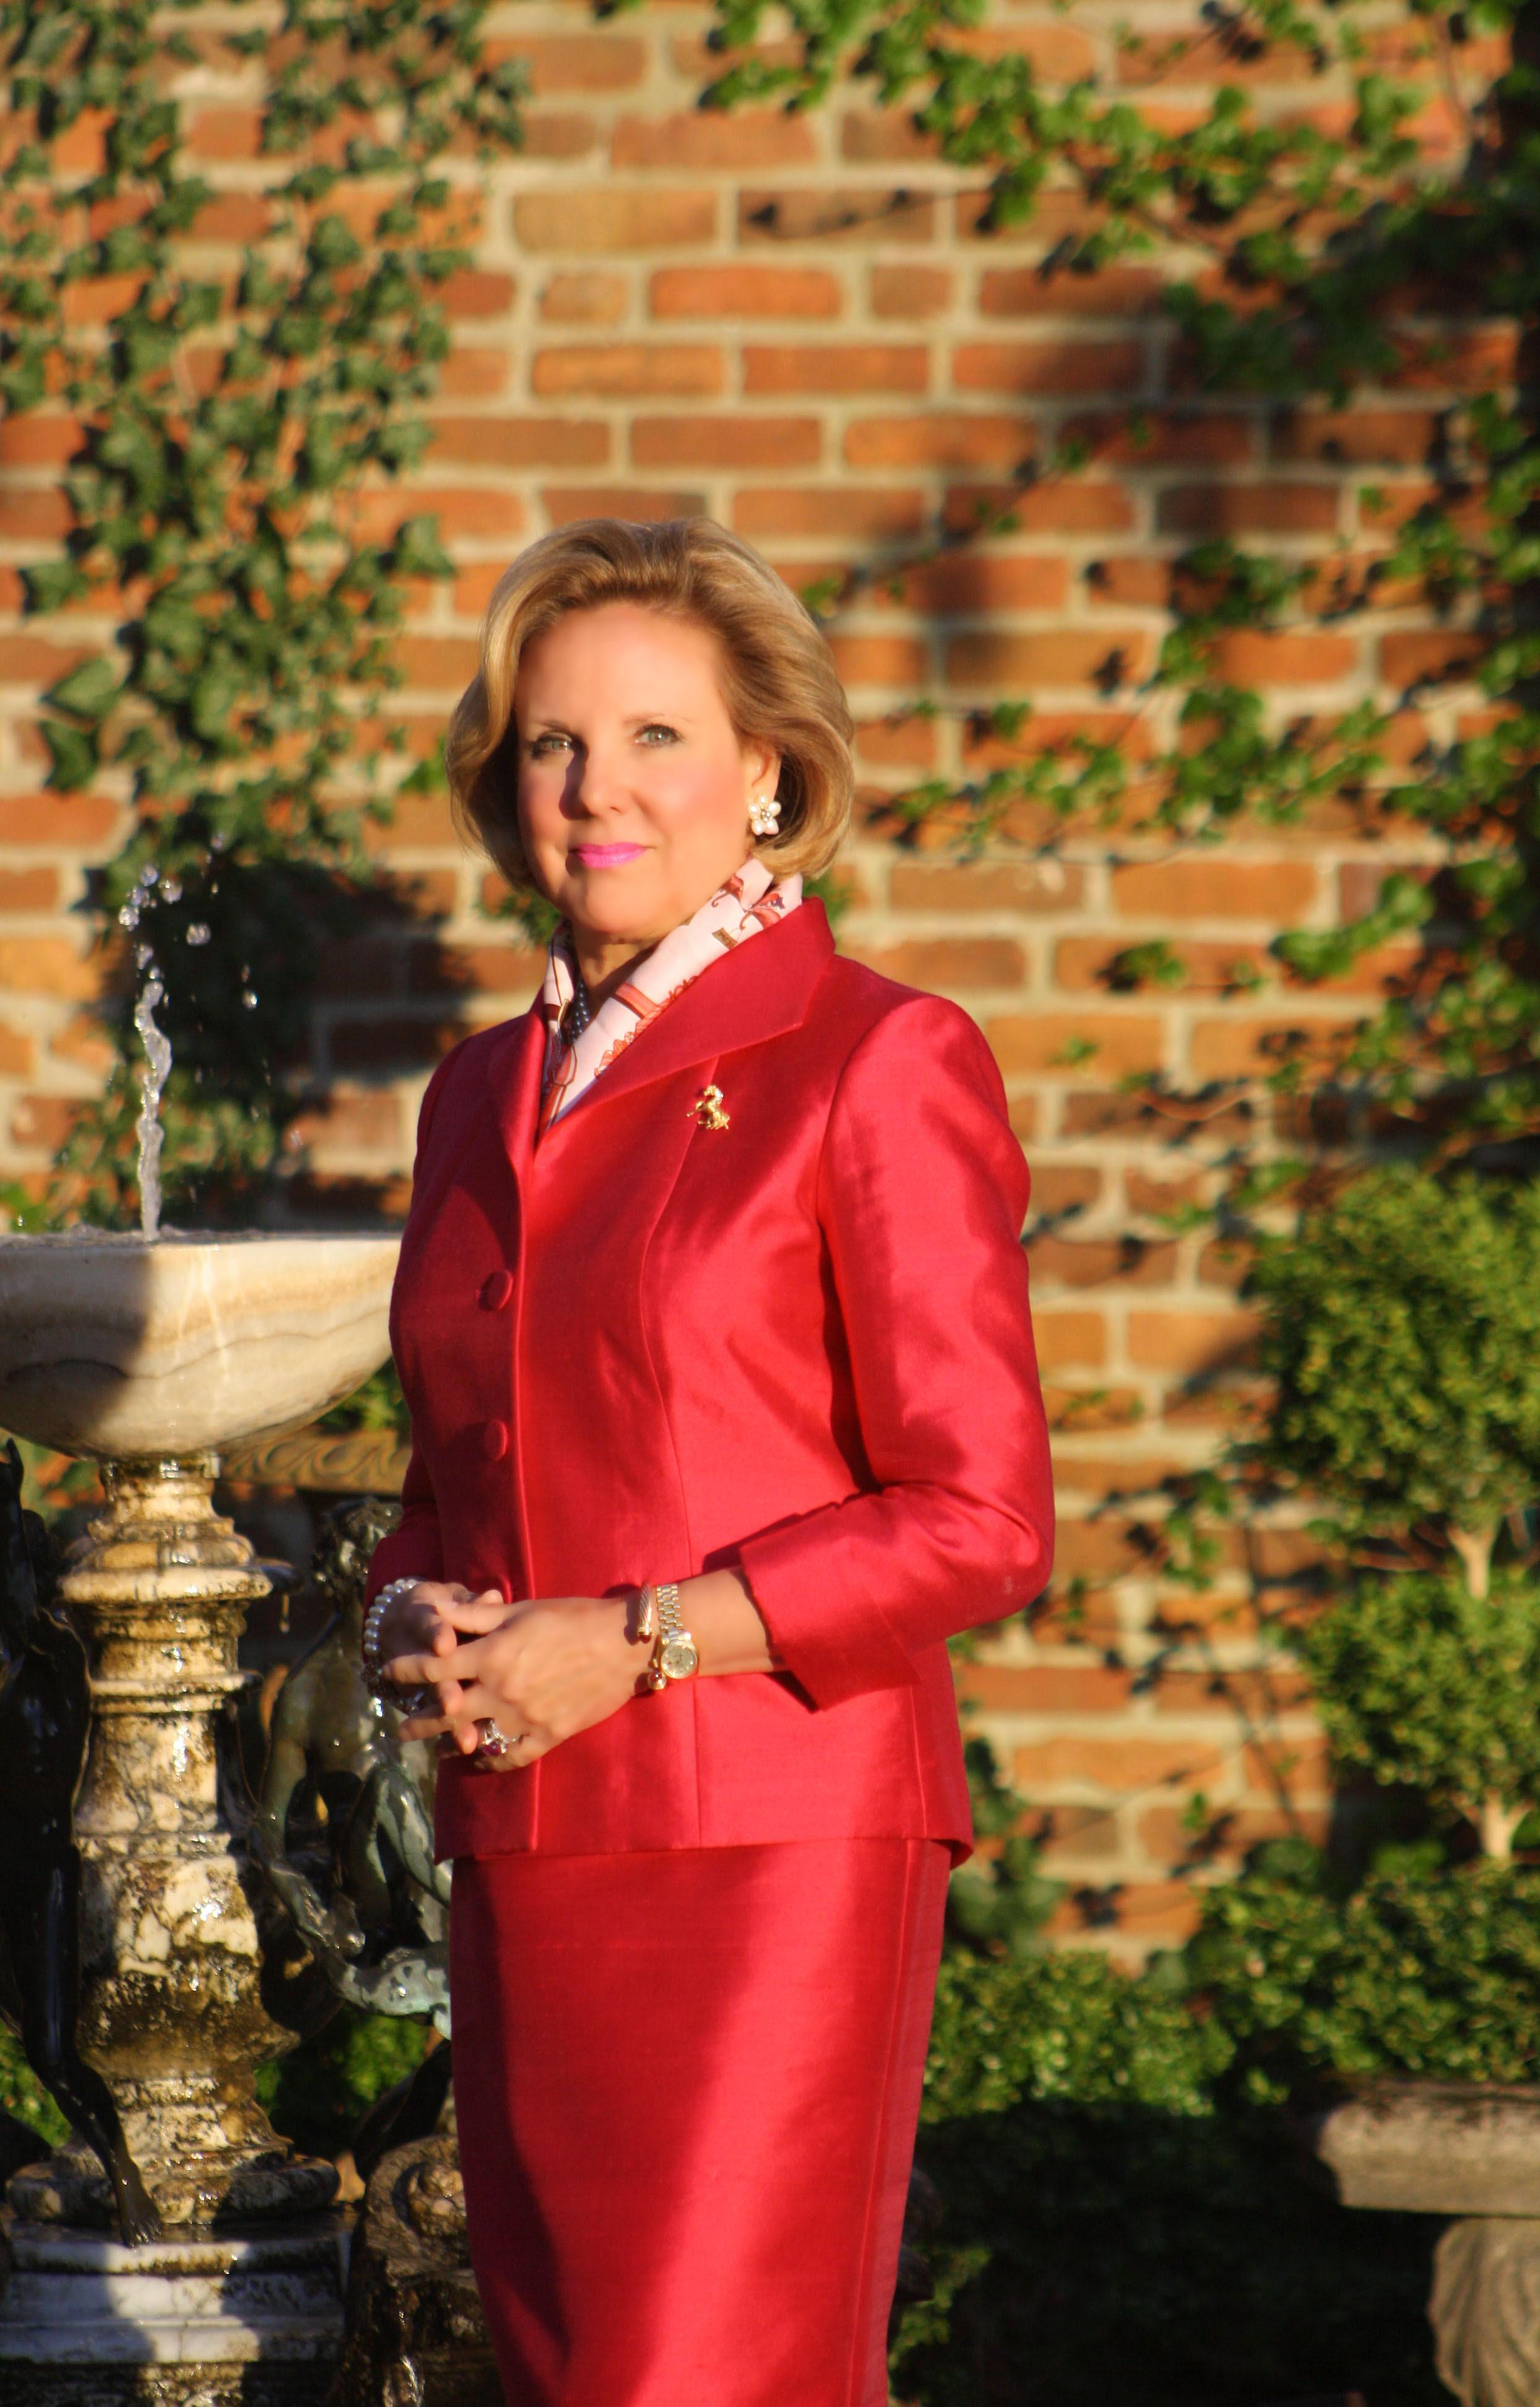 red-suit.jpg